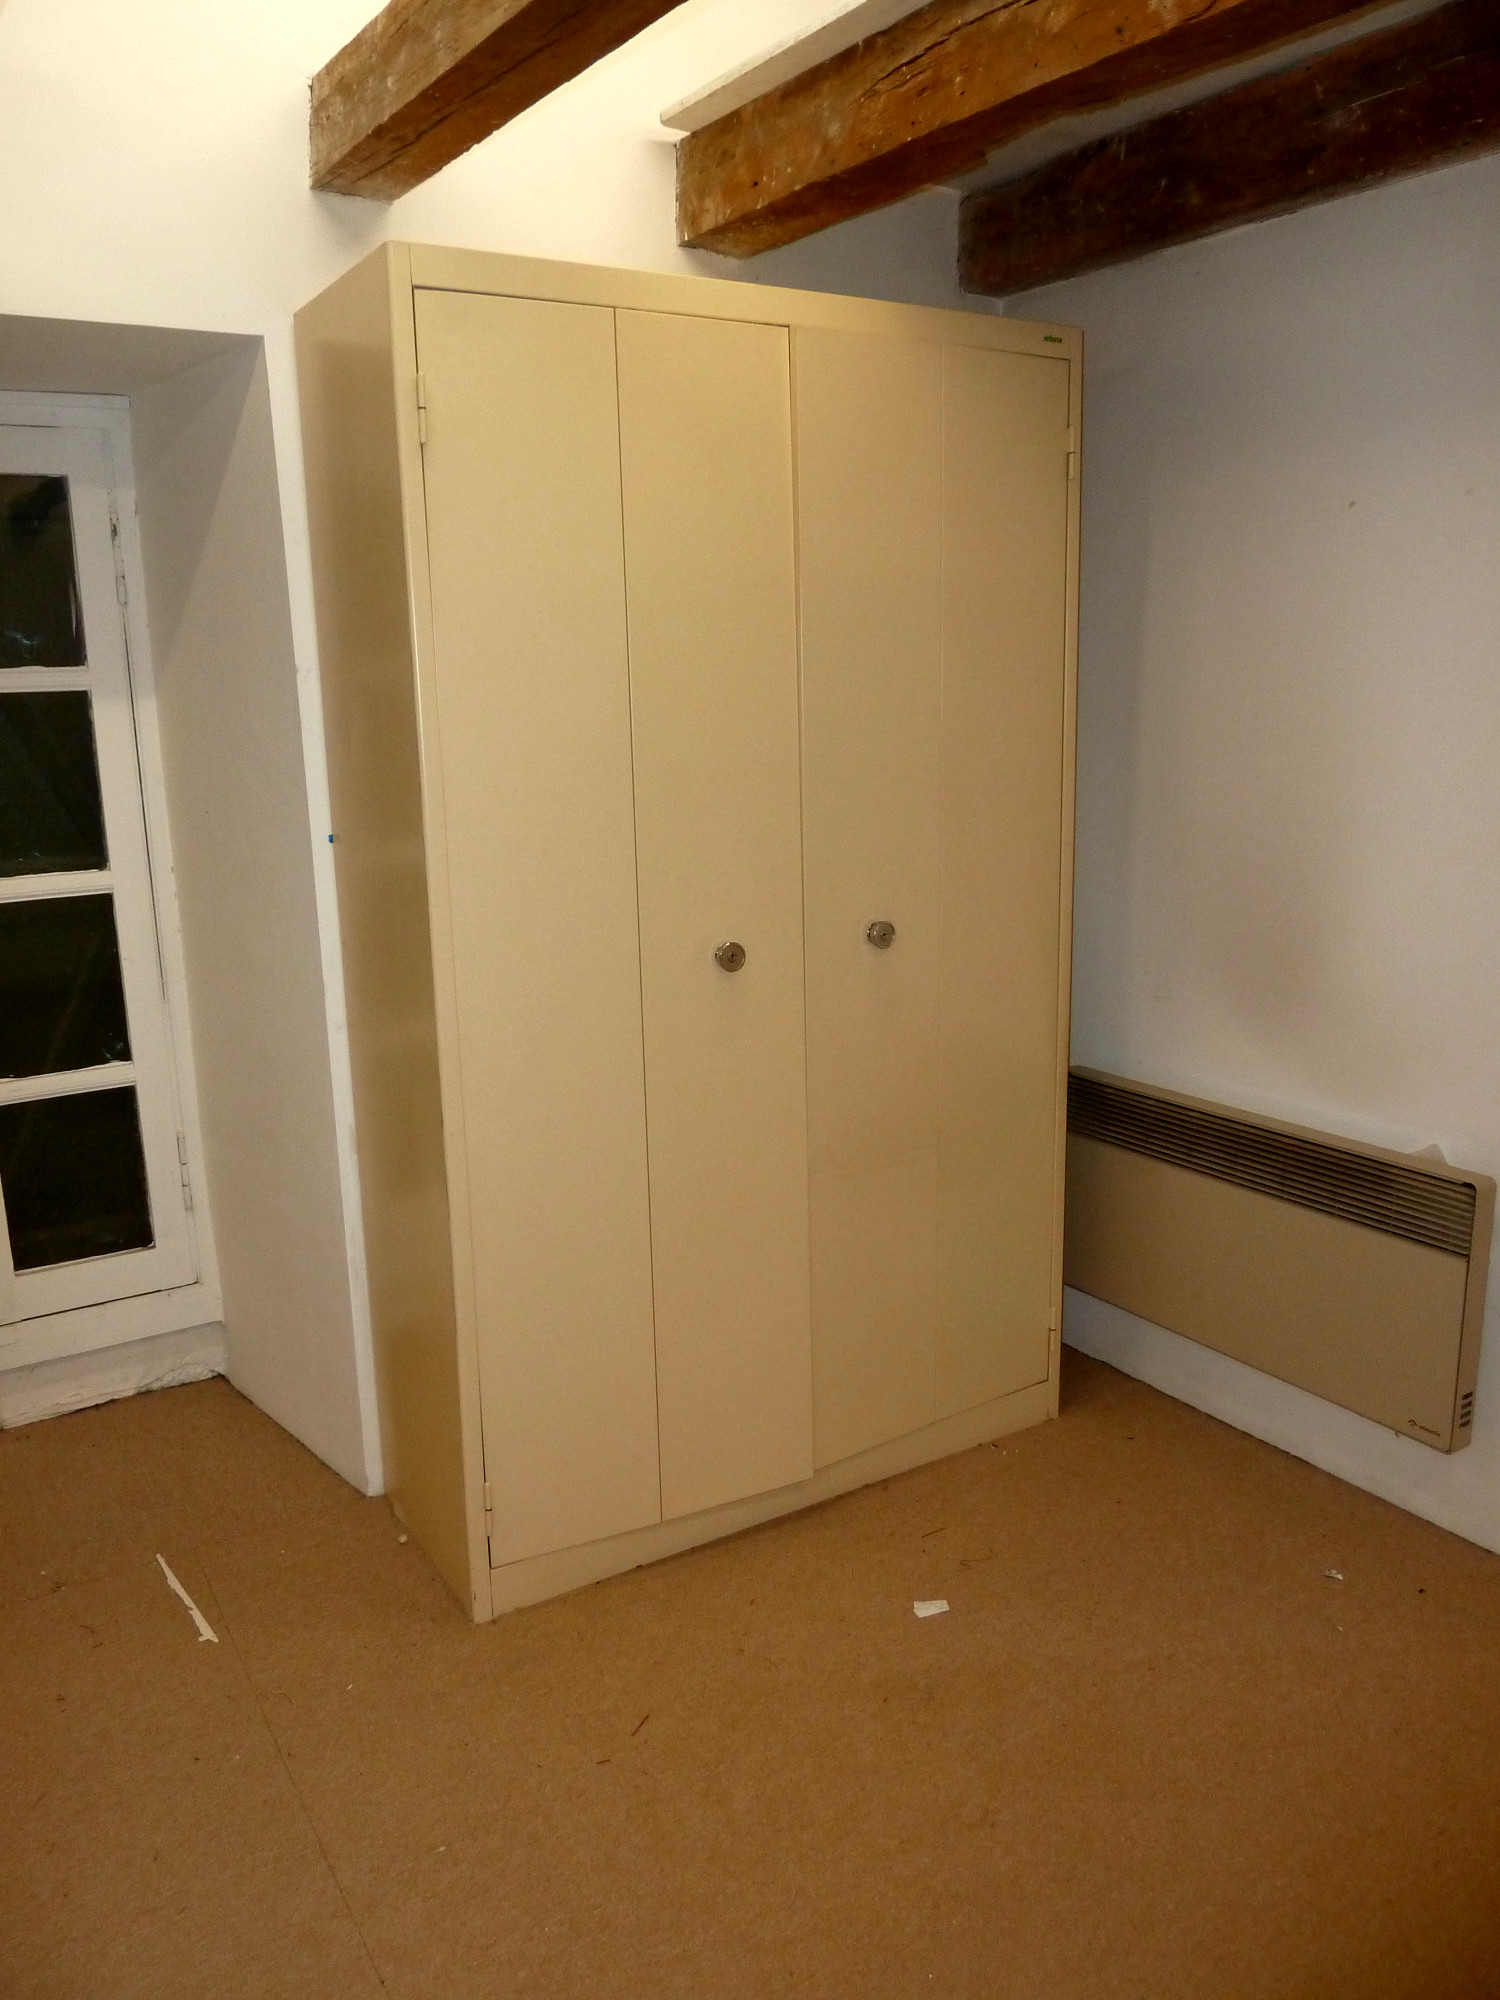 armoire m tallique rangement d 39 occasion aux ench res. Black Bedroom Furniture Sets. Home Design Ideas